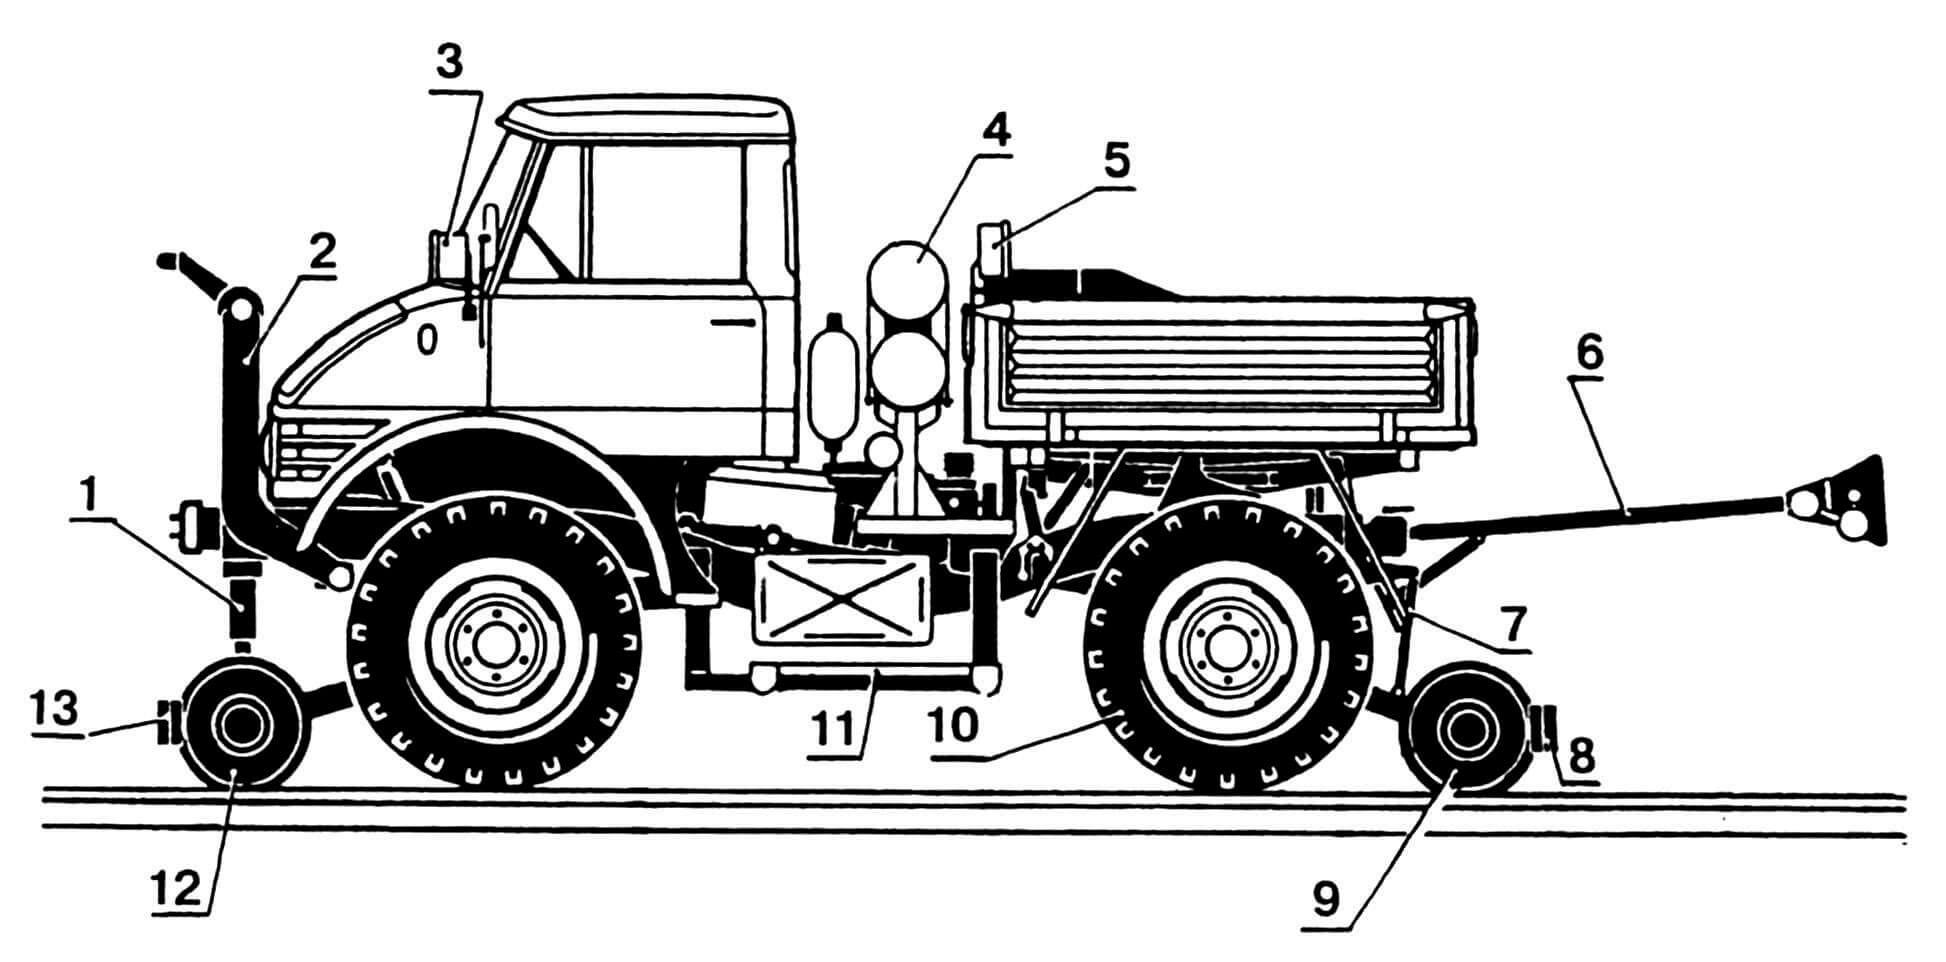 «Унимог»-локомотив: 1 — гидроцилиндр, 2 — рама подъема-опускания передней тележки, 3 — фонарь железнодорожный (белый, 2 шт.), 4 — пневморесиверы, 5 — фонарь железнодорожный (красный, 1 шт.), 6 — сцепка автоматическая, 7 — механизм подъемный, 8 — бампер задний, 9 — тележка задних направляющих колес, 10 — колесо штатное, 11 — подножка, 12 — тележка передних направляющих колес, 13 — бампер передний.